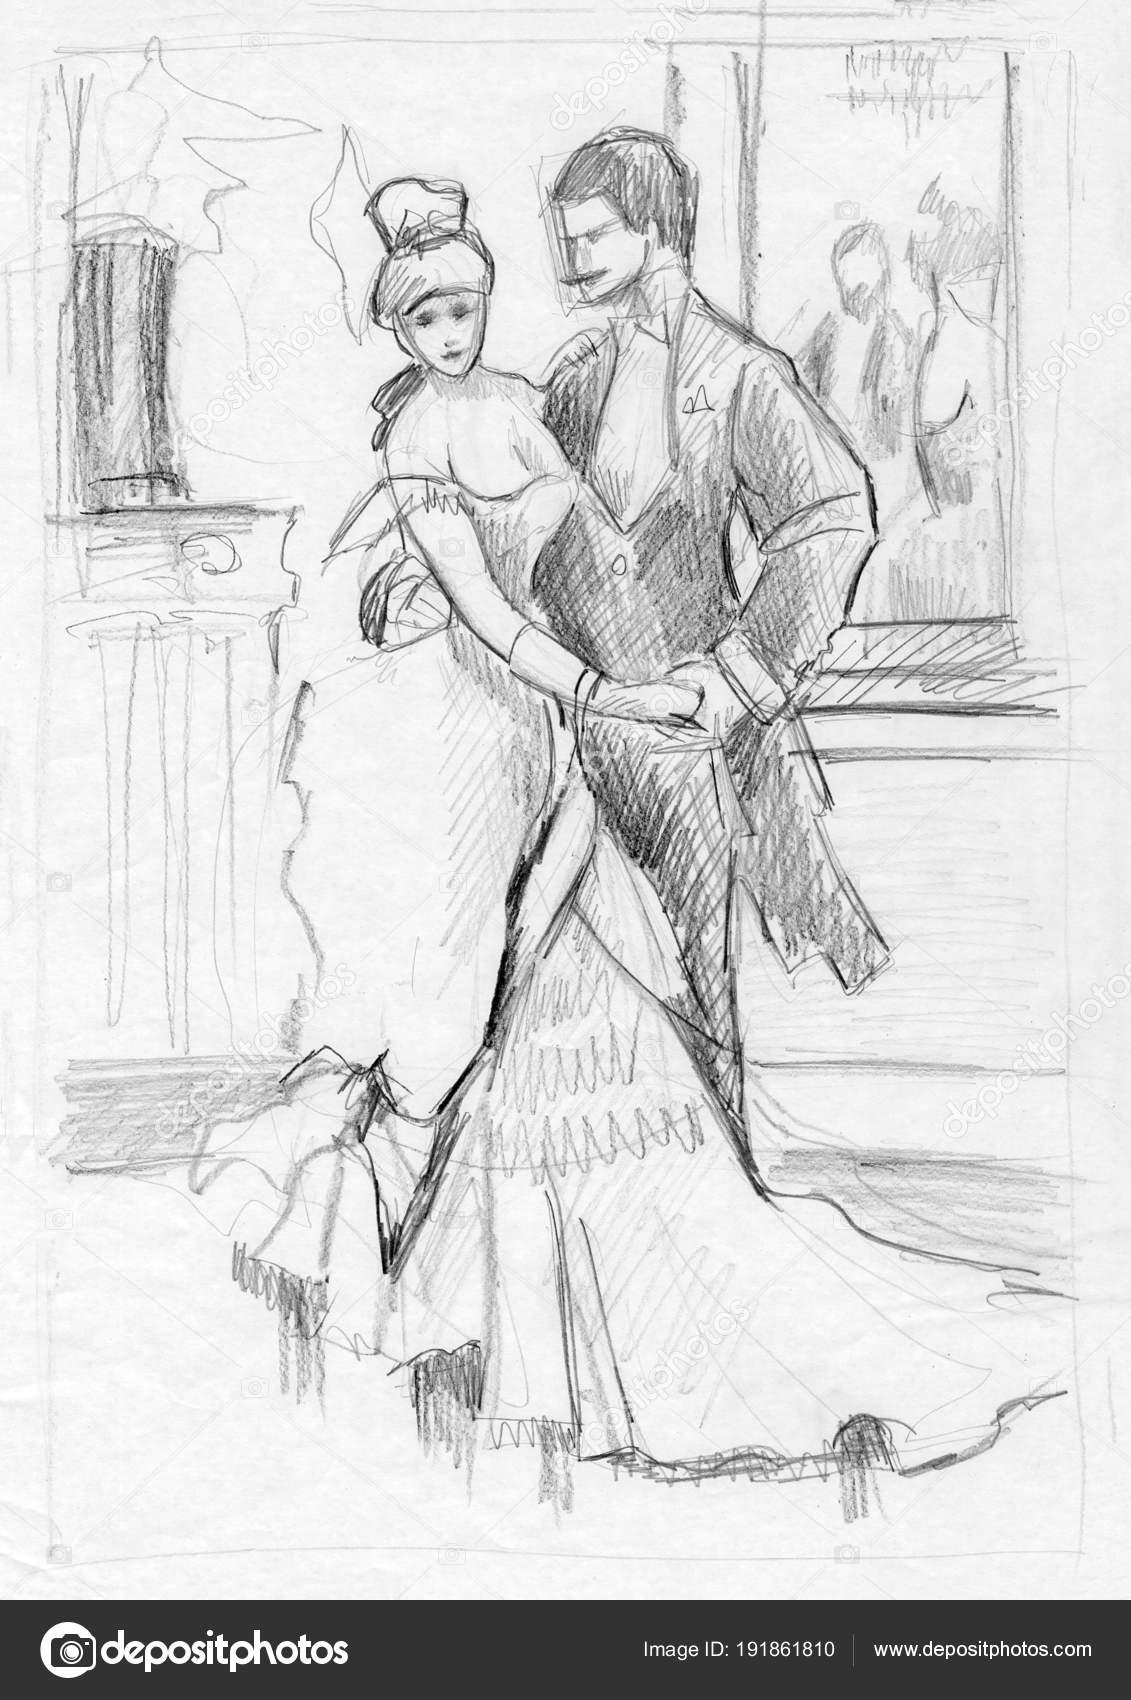 Dancing pencil drawings stock photo